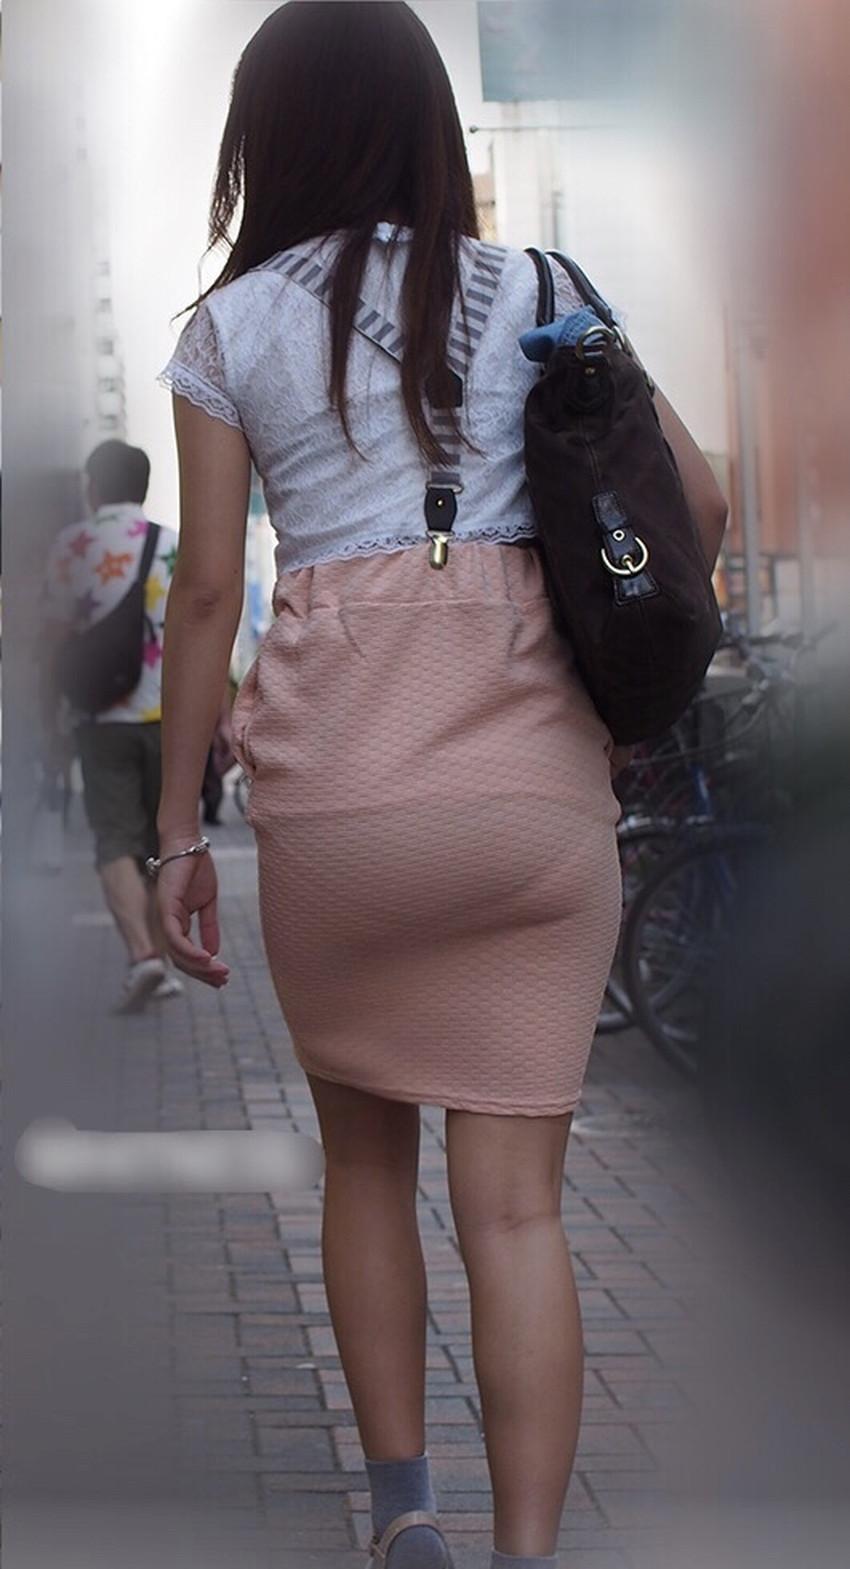 【パン透けスカートエロ画像】パンティーラインが透けちゃうタイトミニやマキシワンピで無防備に歩く美女達のパン透けスカートのエロ画像集!ww【80枚】 67